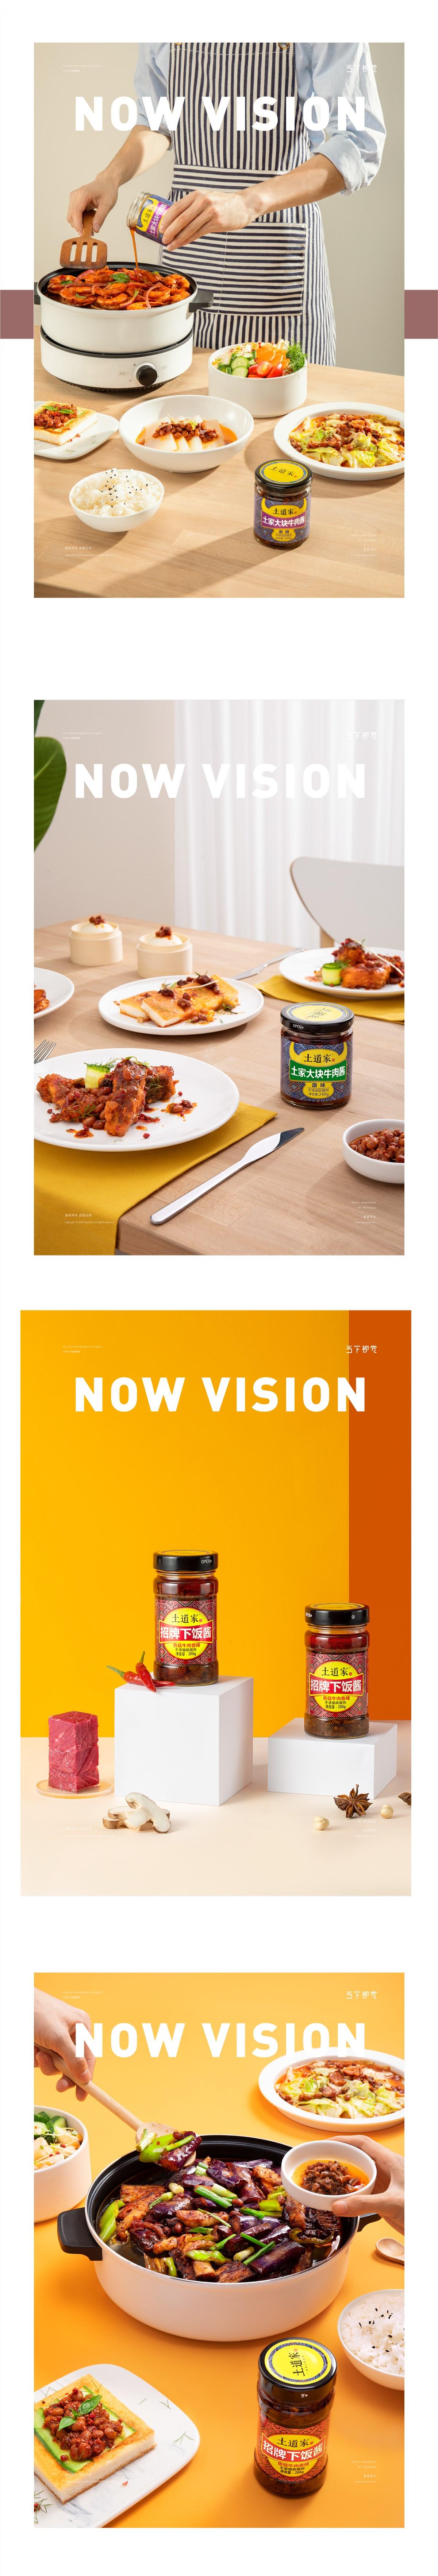 土道家牛肉酱下饭酱拍摄思路分享 I 食物摄影X当下视觉